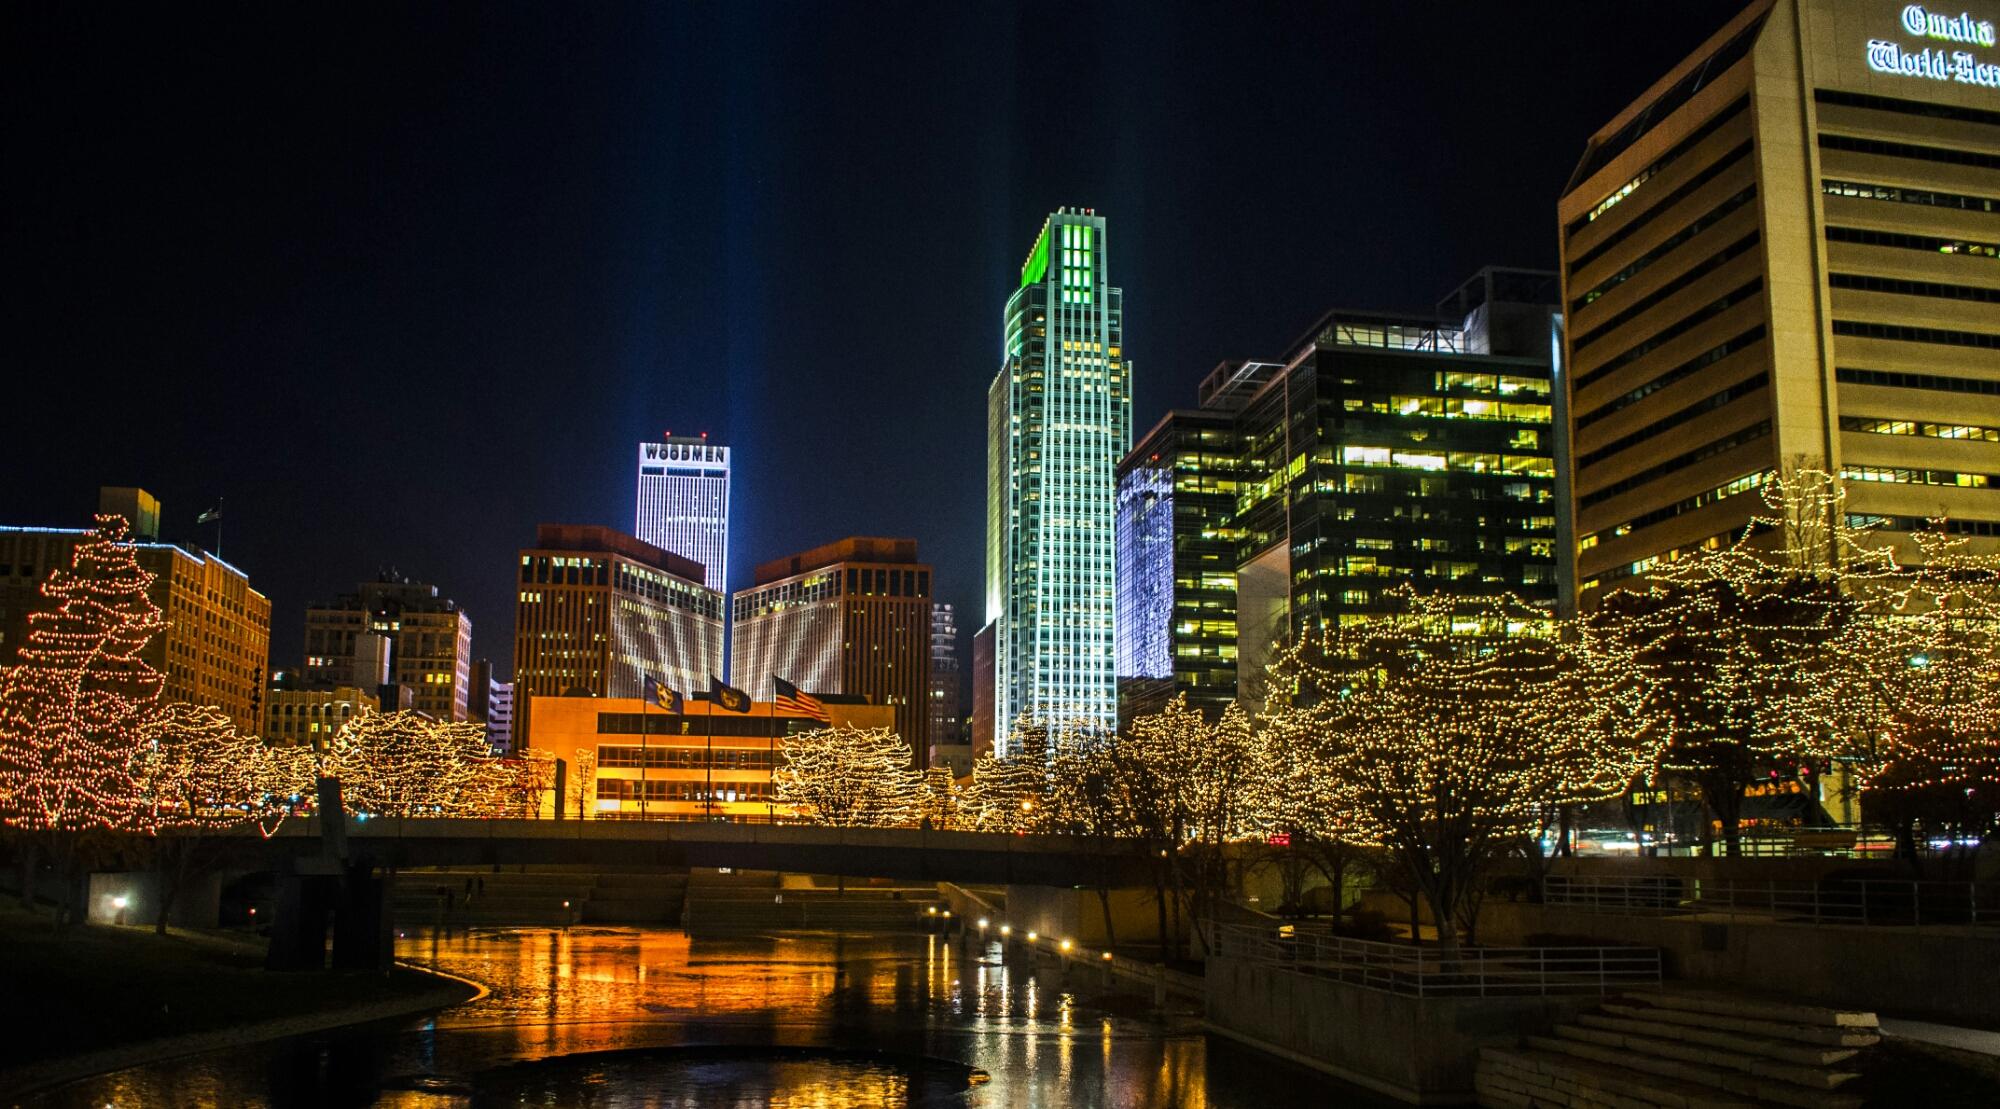 Omaha's Holiday Framed